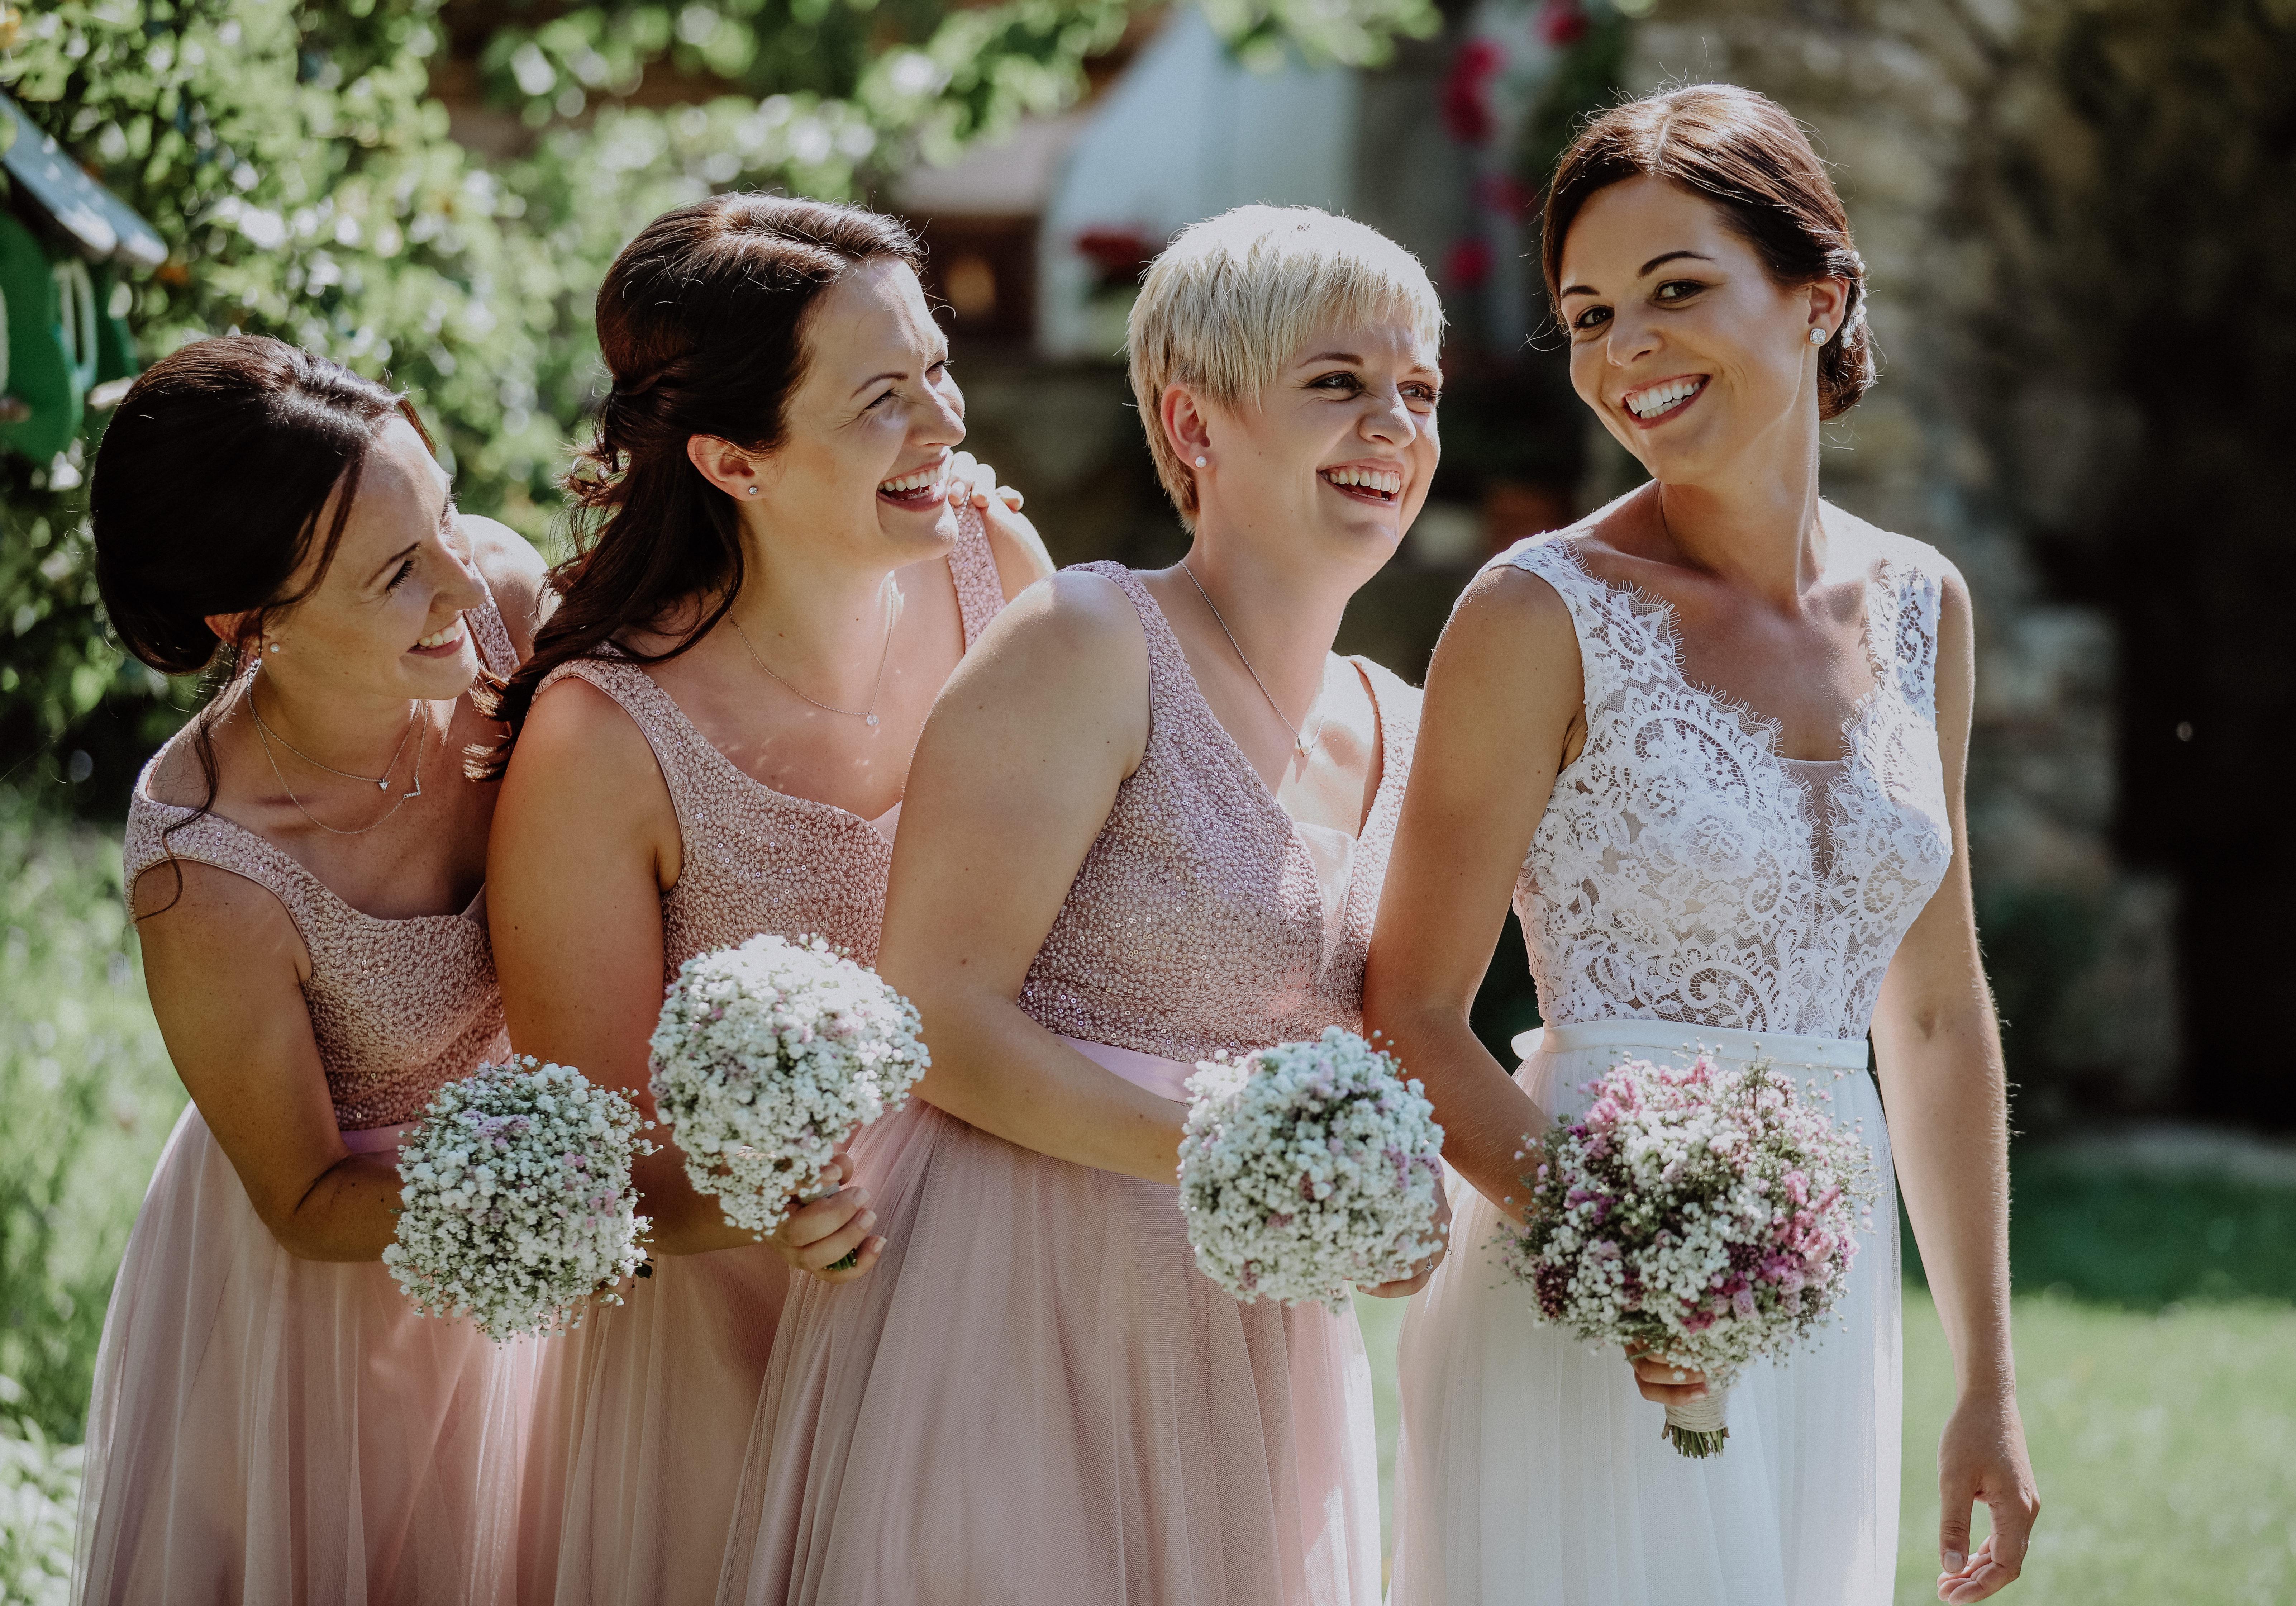 Fotoshooting_weddingfilter (16 von 23)